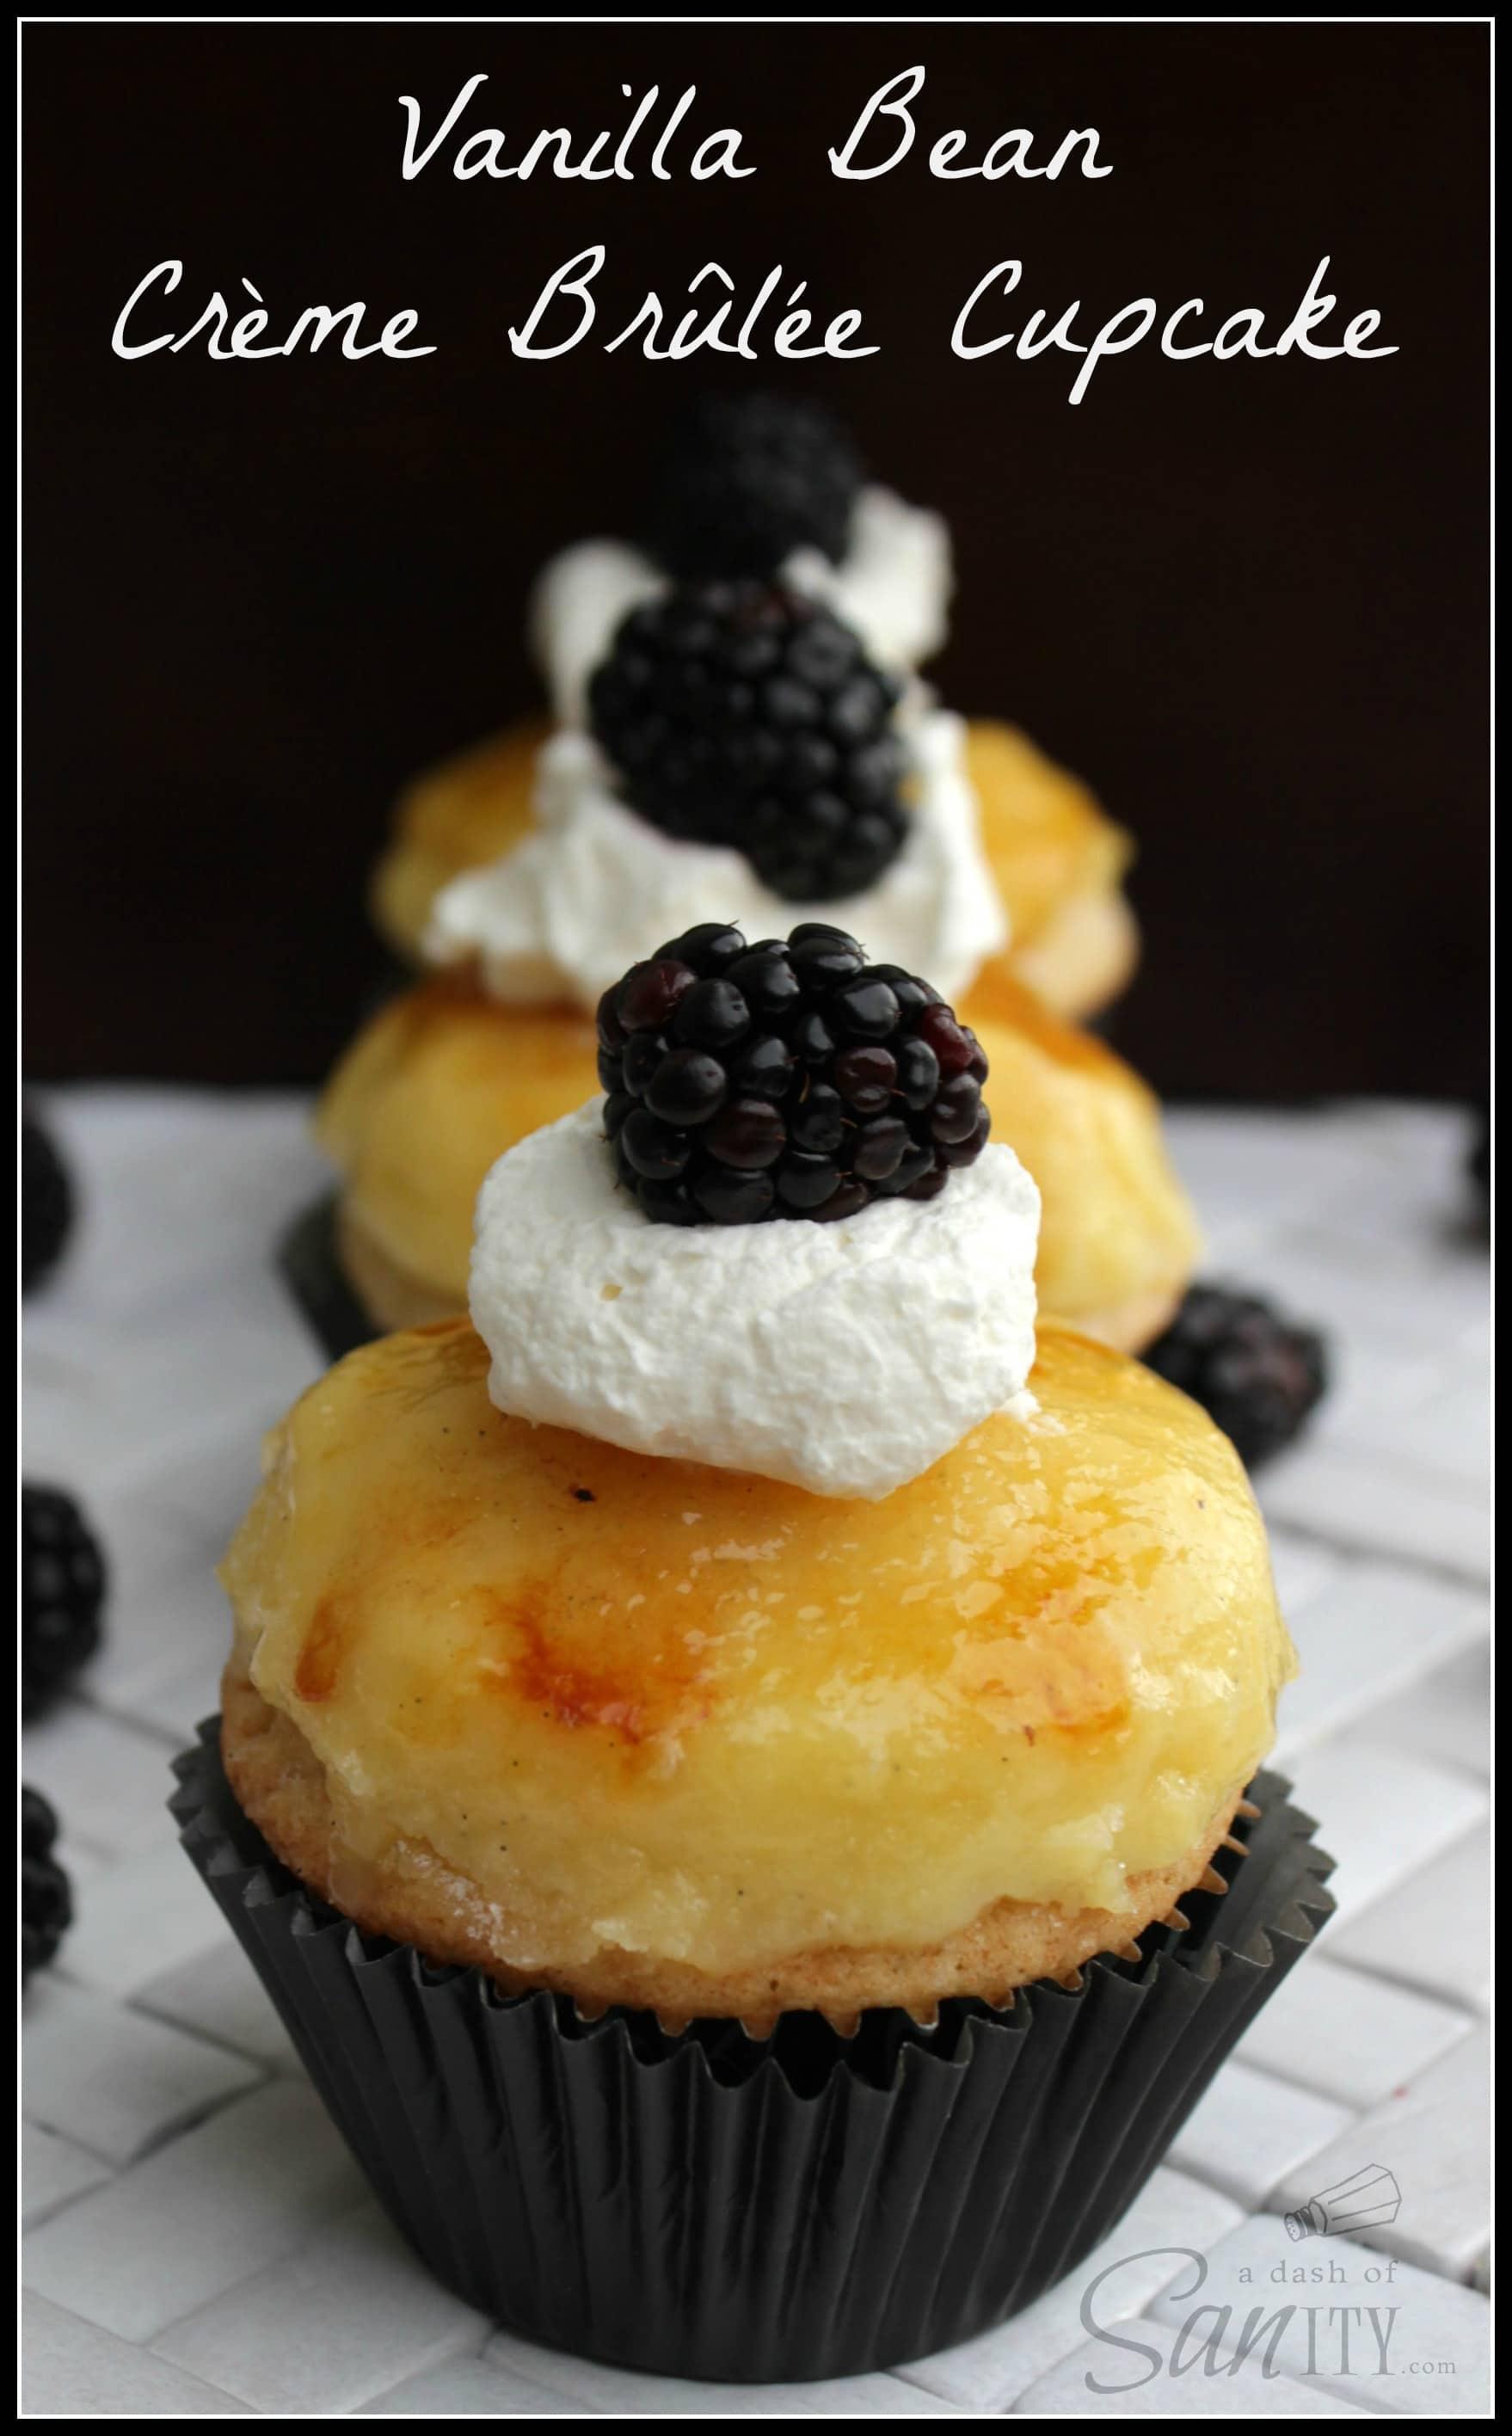 Vanilla Bean Crème Brûlée Cupcake